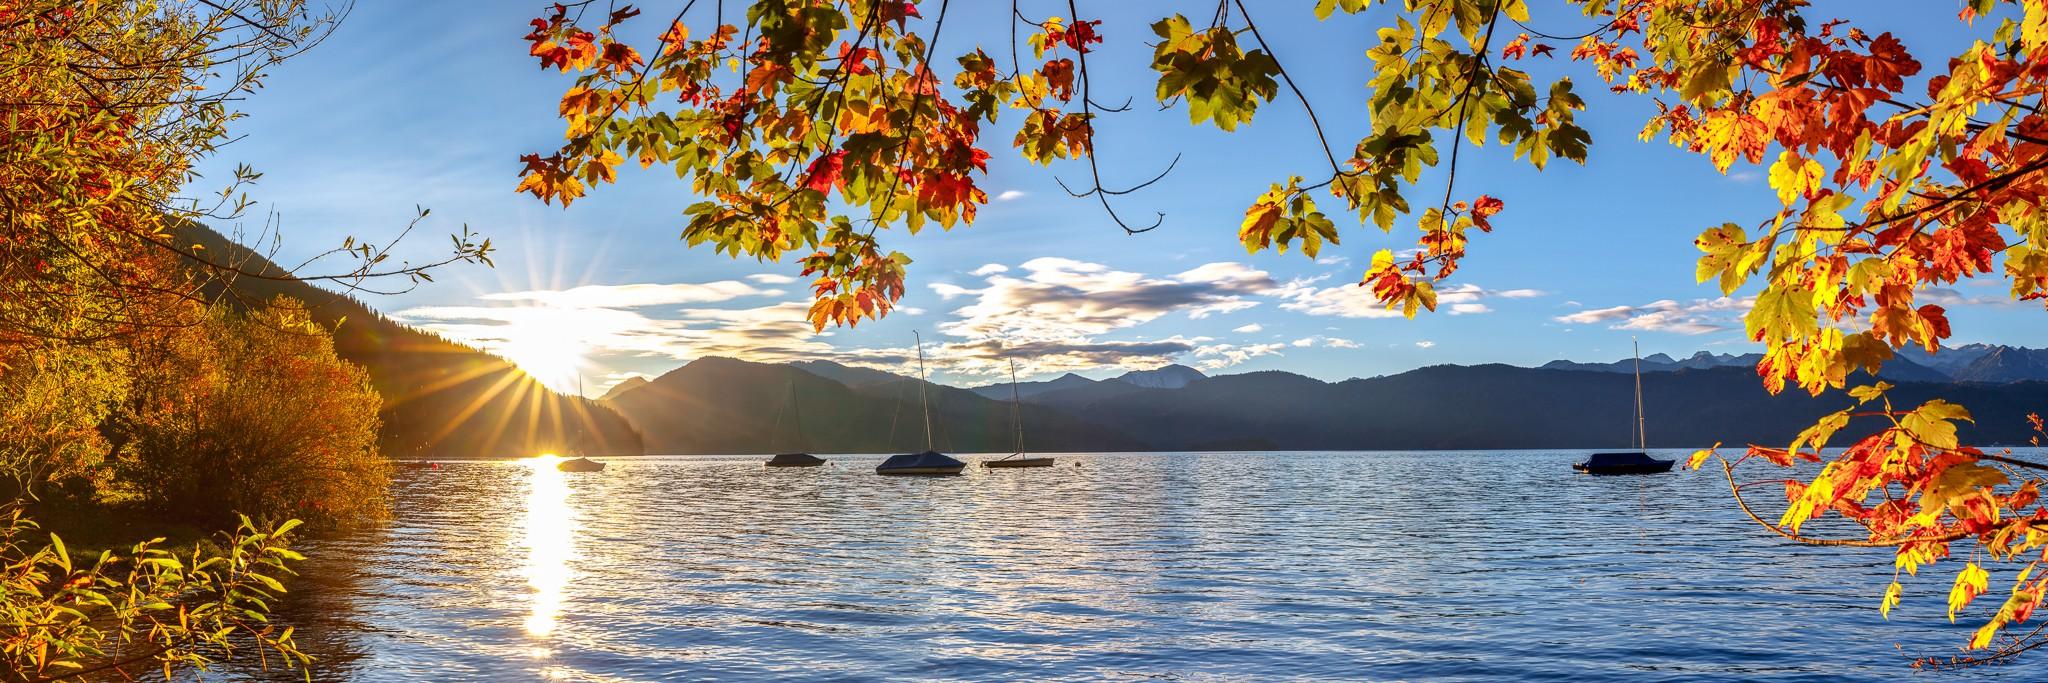 Sonnenaufgang - Genieße den Seeblick unter einem von den ersten Sonnenstrahlen erleuchteten Ahorn am Walchensee.